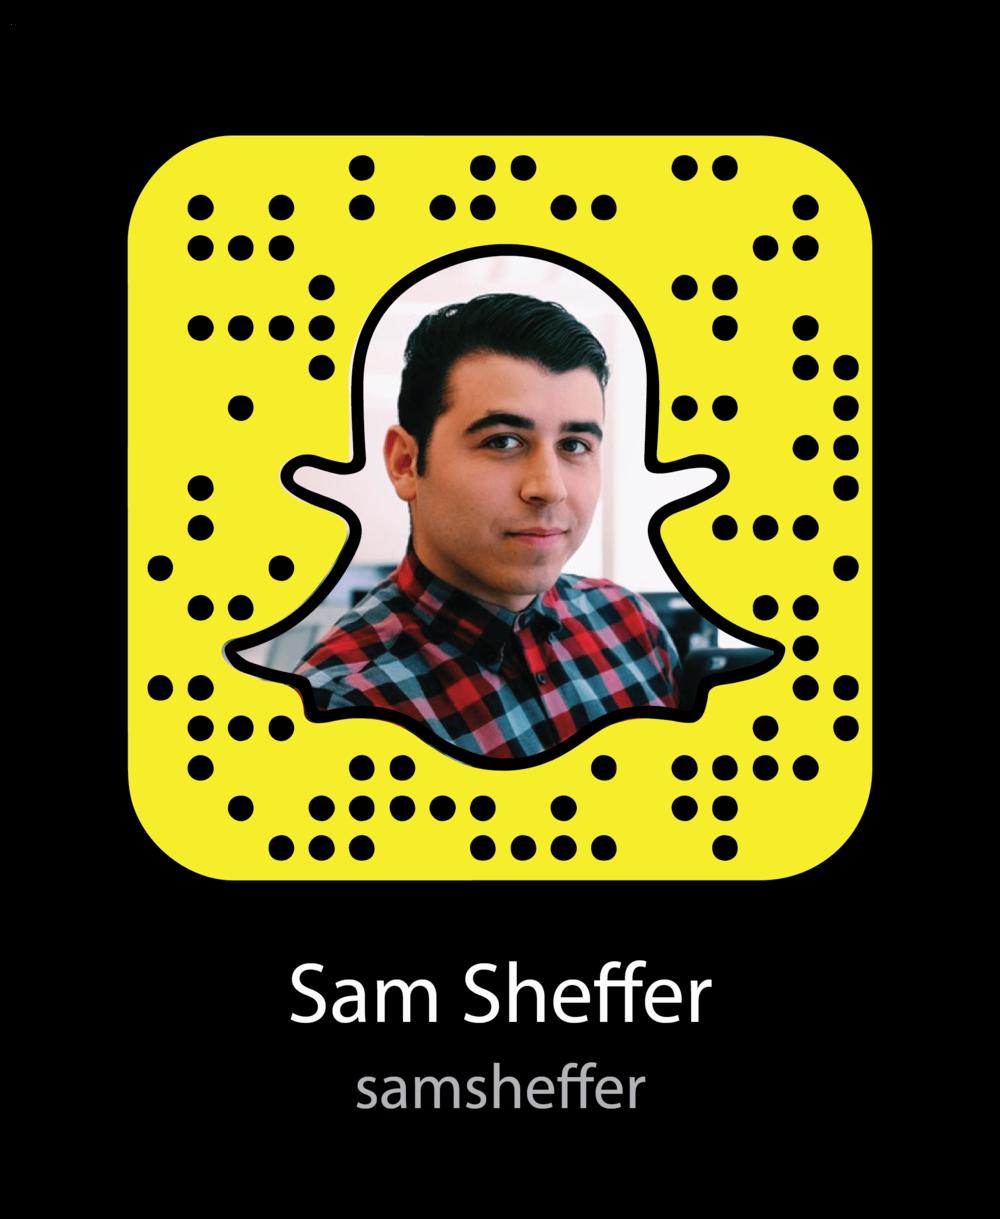 sam-sheffer-storytellers-snapchat-snapcode.png